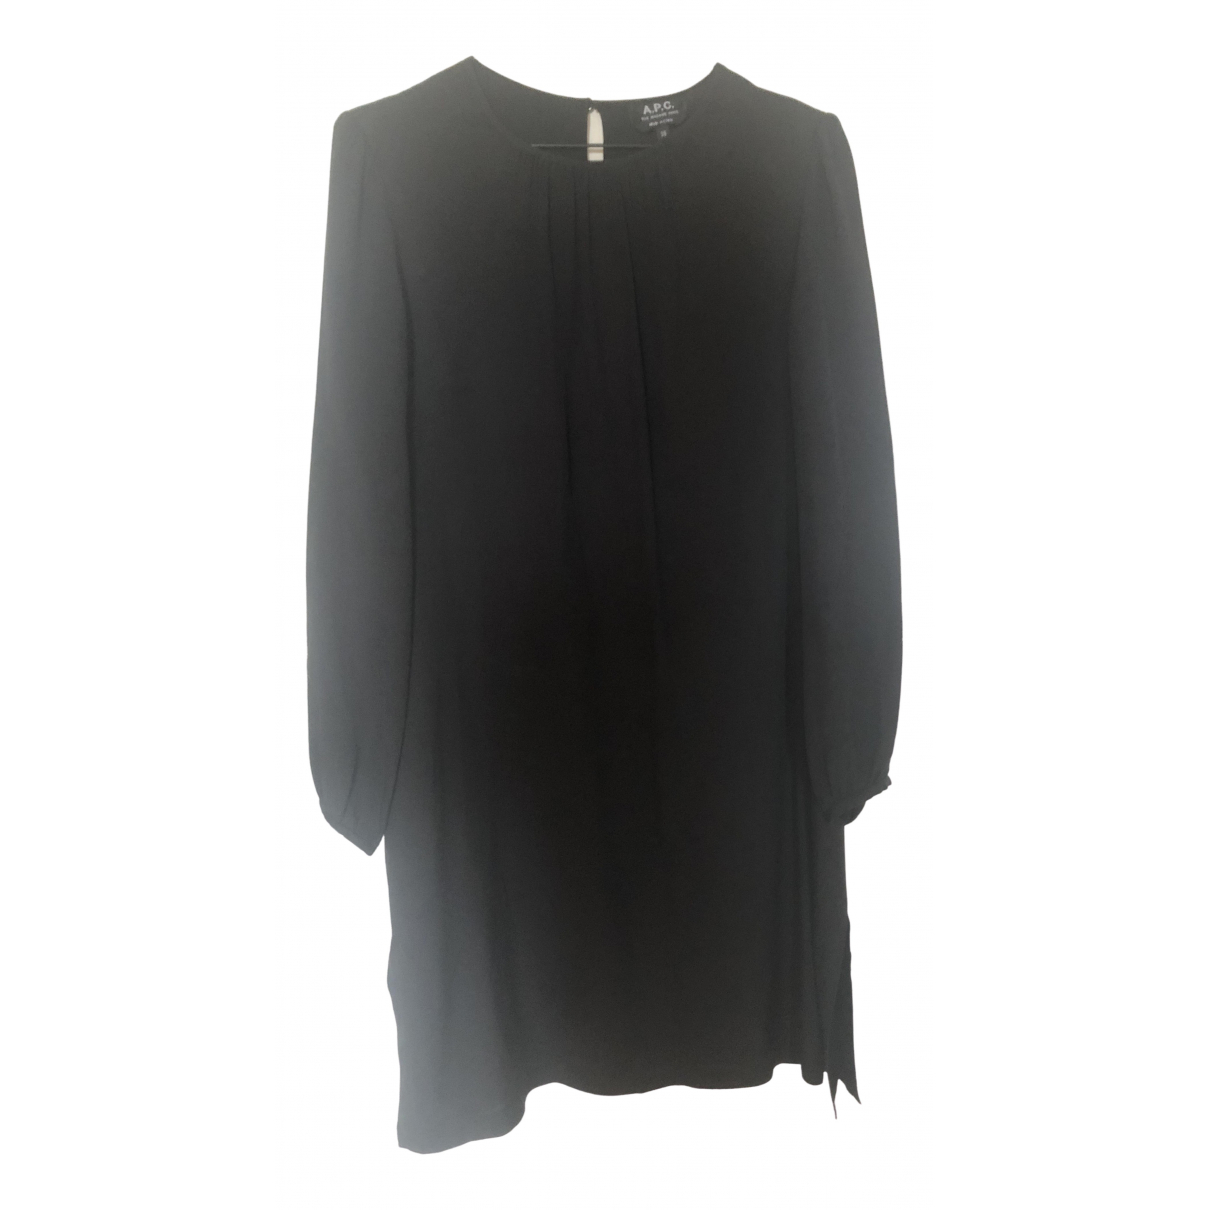 Apc \N Kleid in  Schwarz Viskose